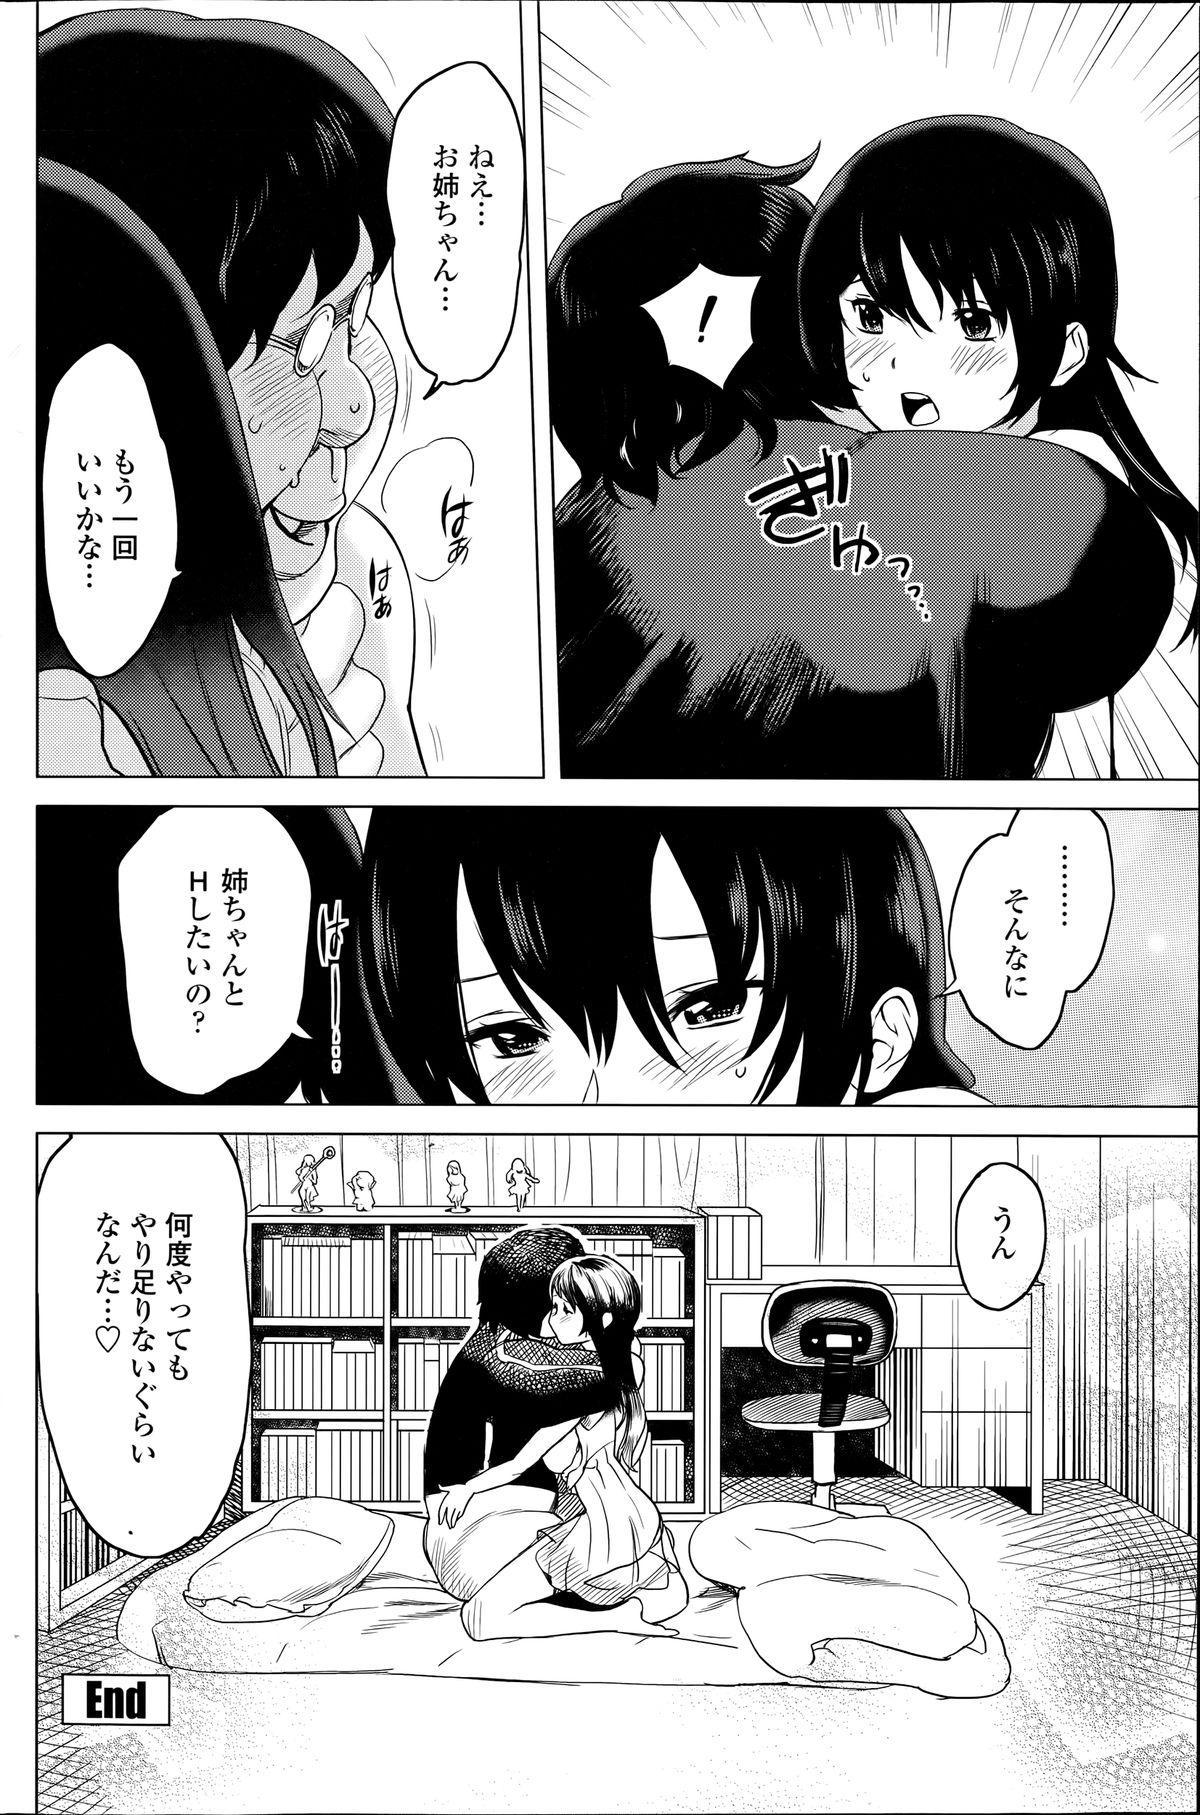 [Mitsuya] Nee-chan to H Shitai no? | Zoku Nee-chan to H Shitai no? Ch.1-4 79